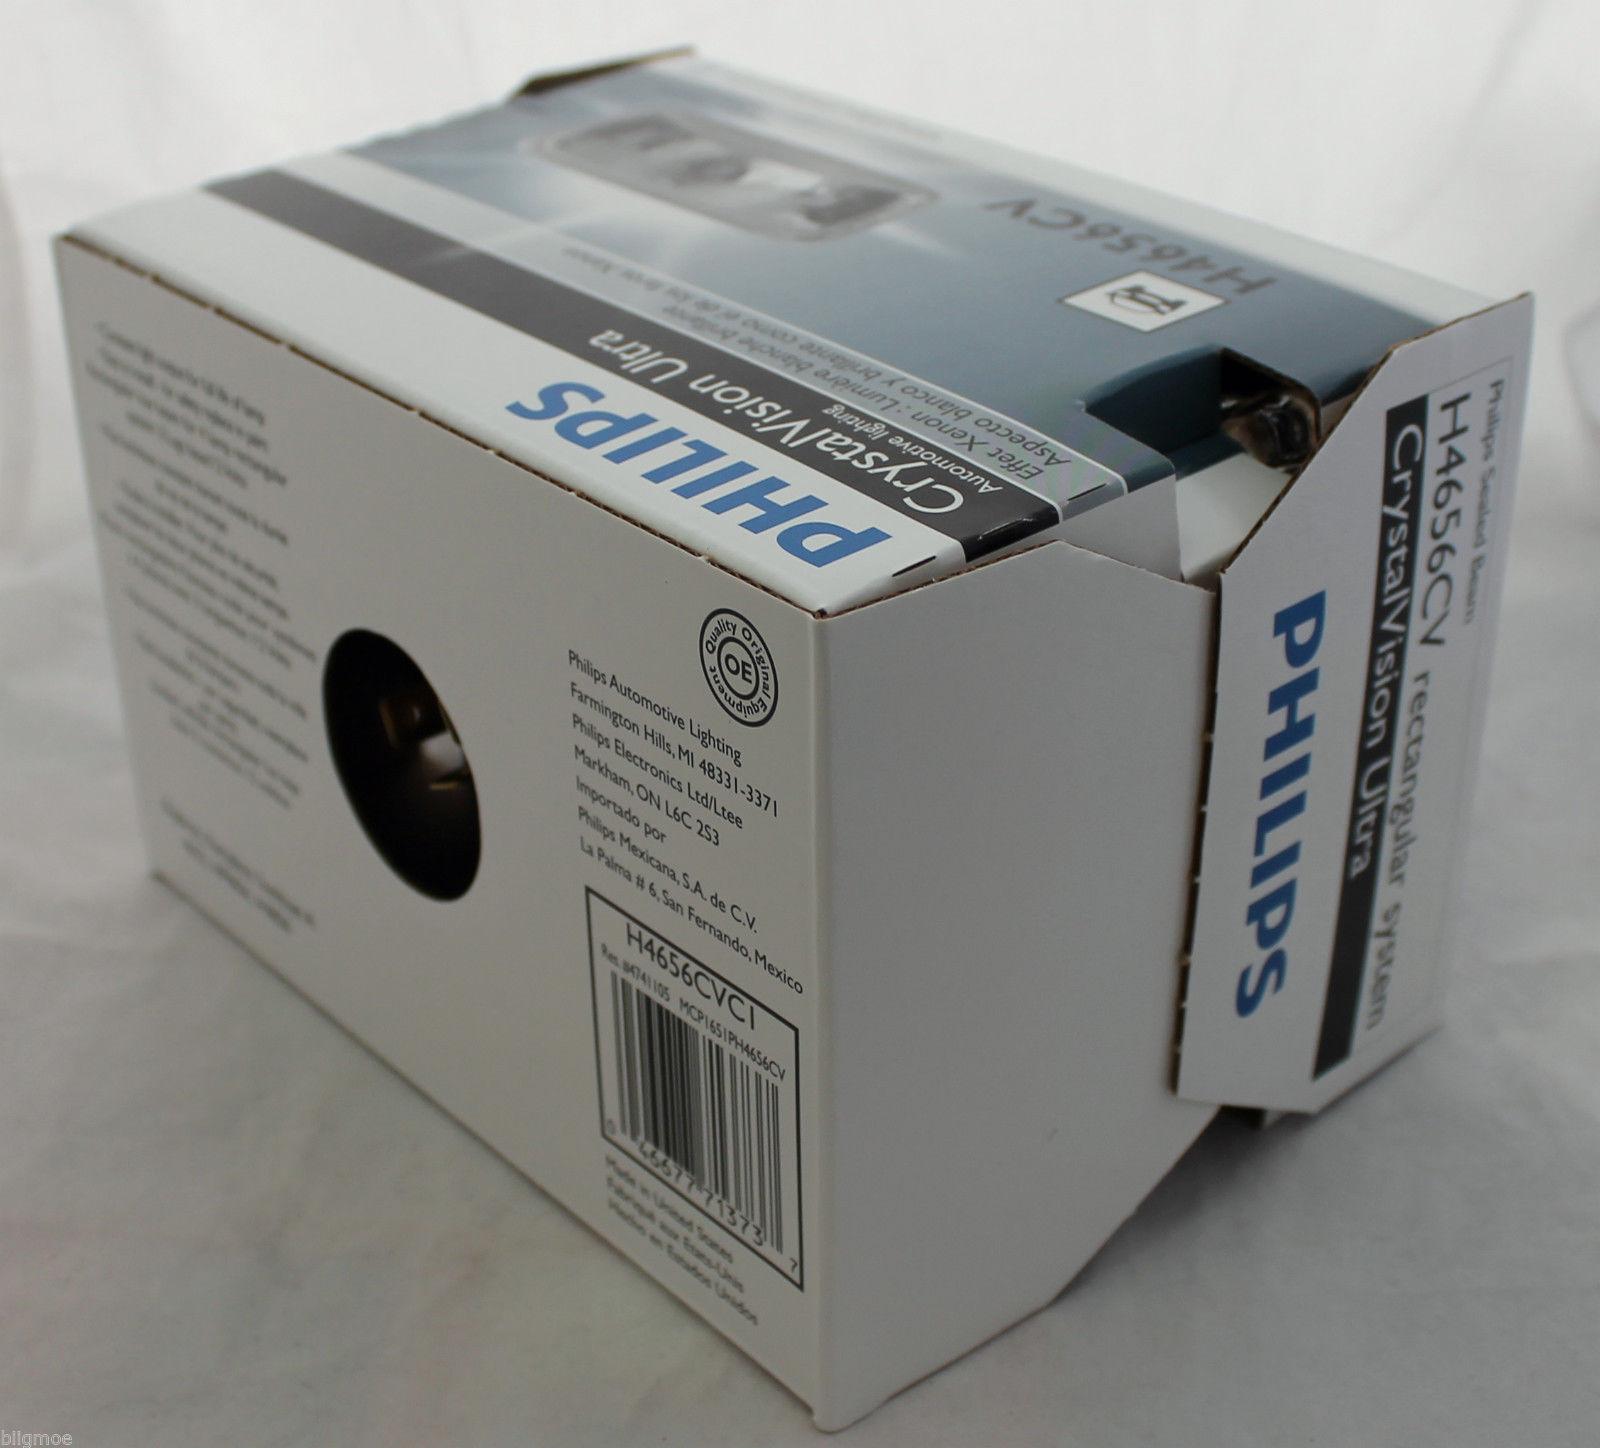 New philips crystal vision ultra halogen headlight h4656cv 12v bright